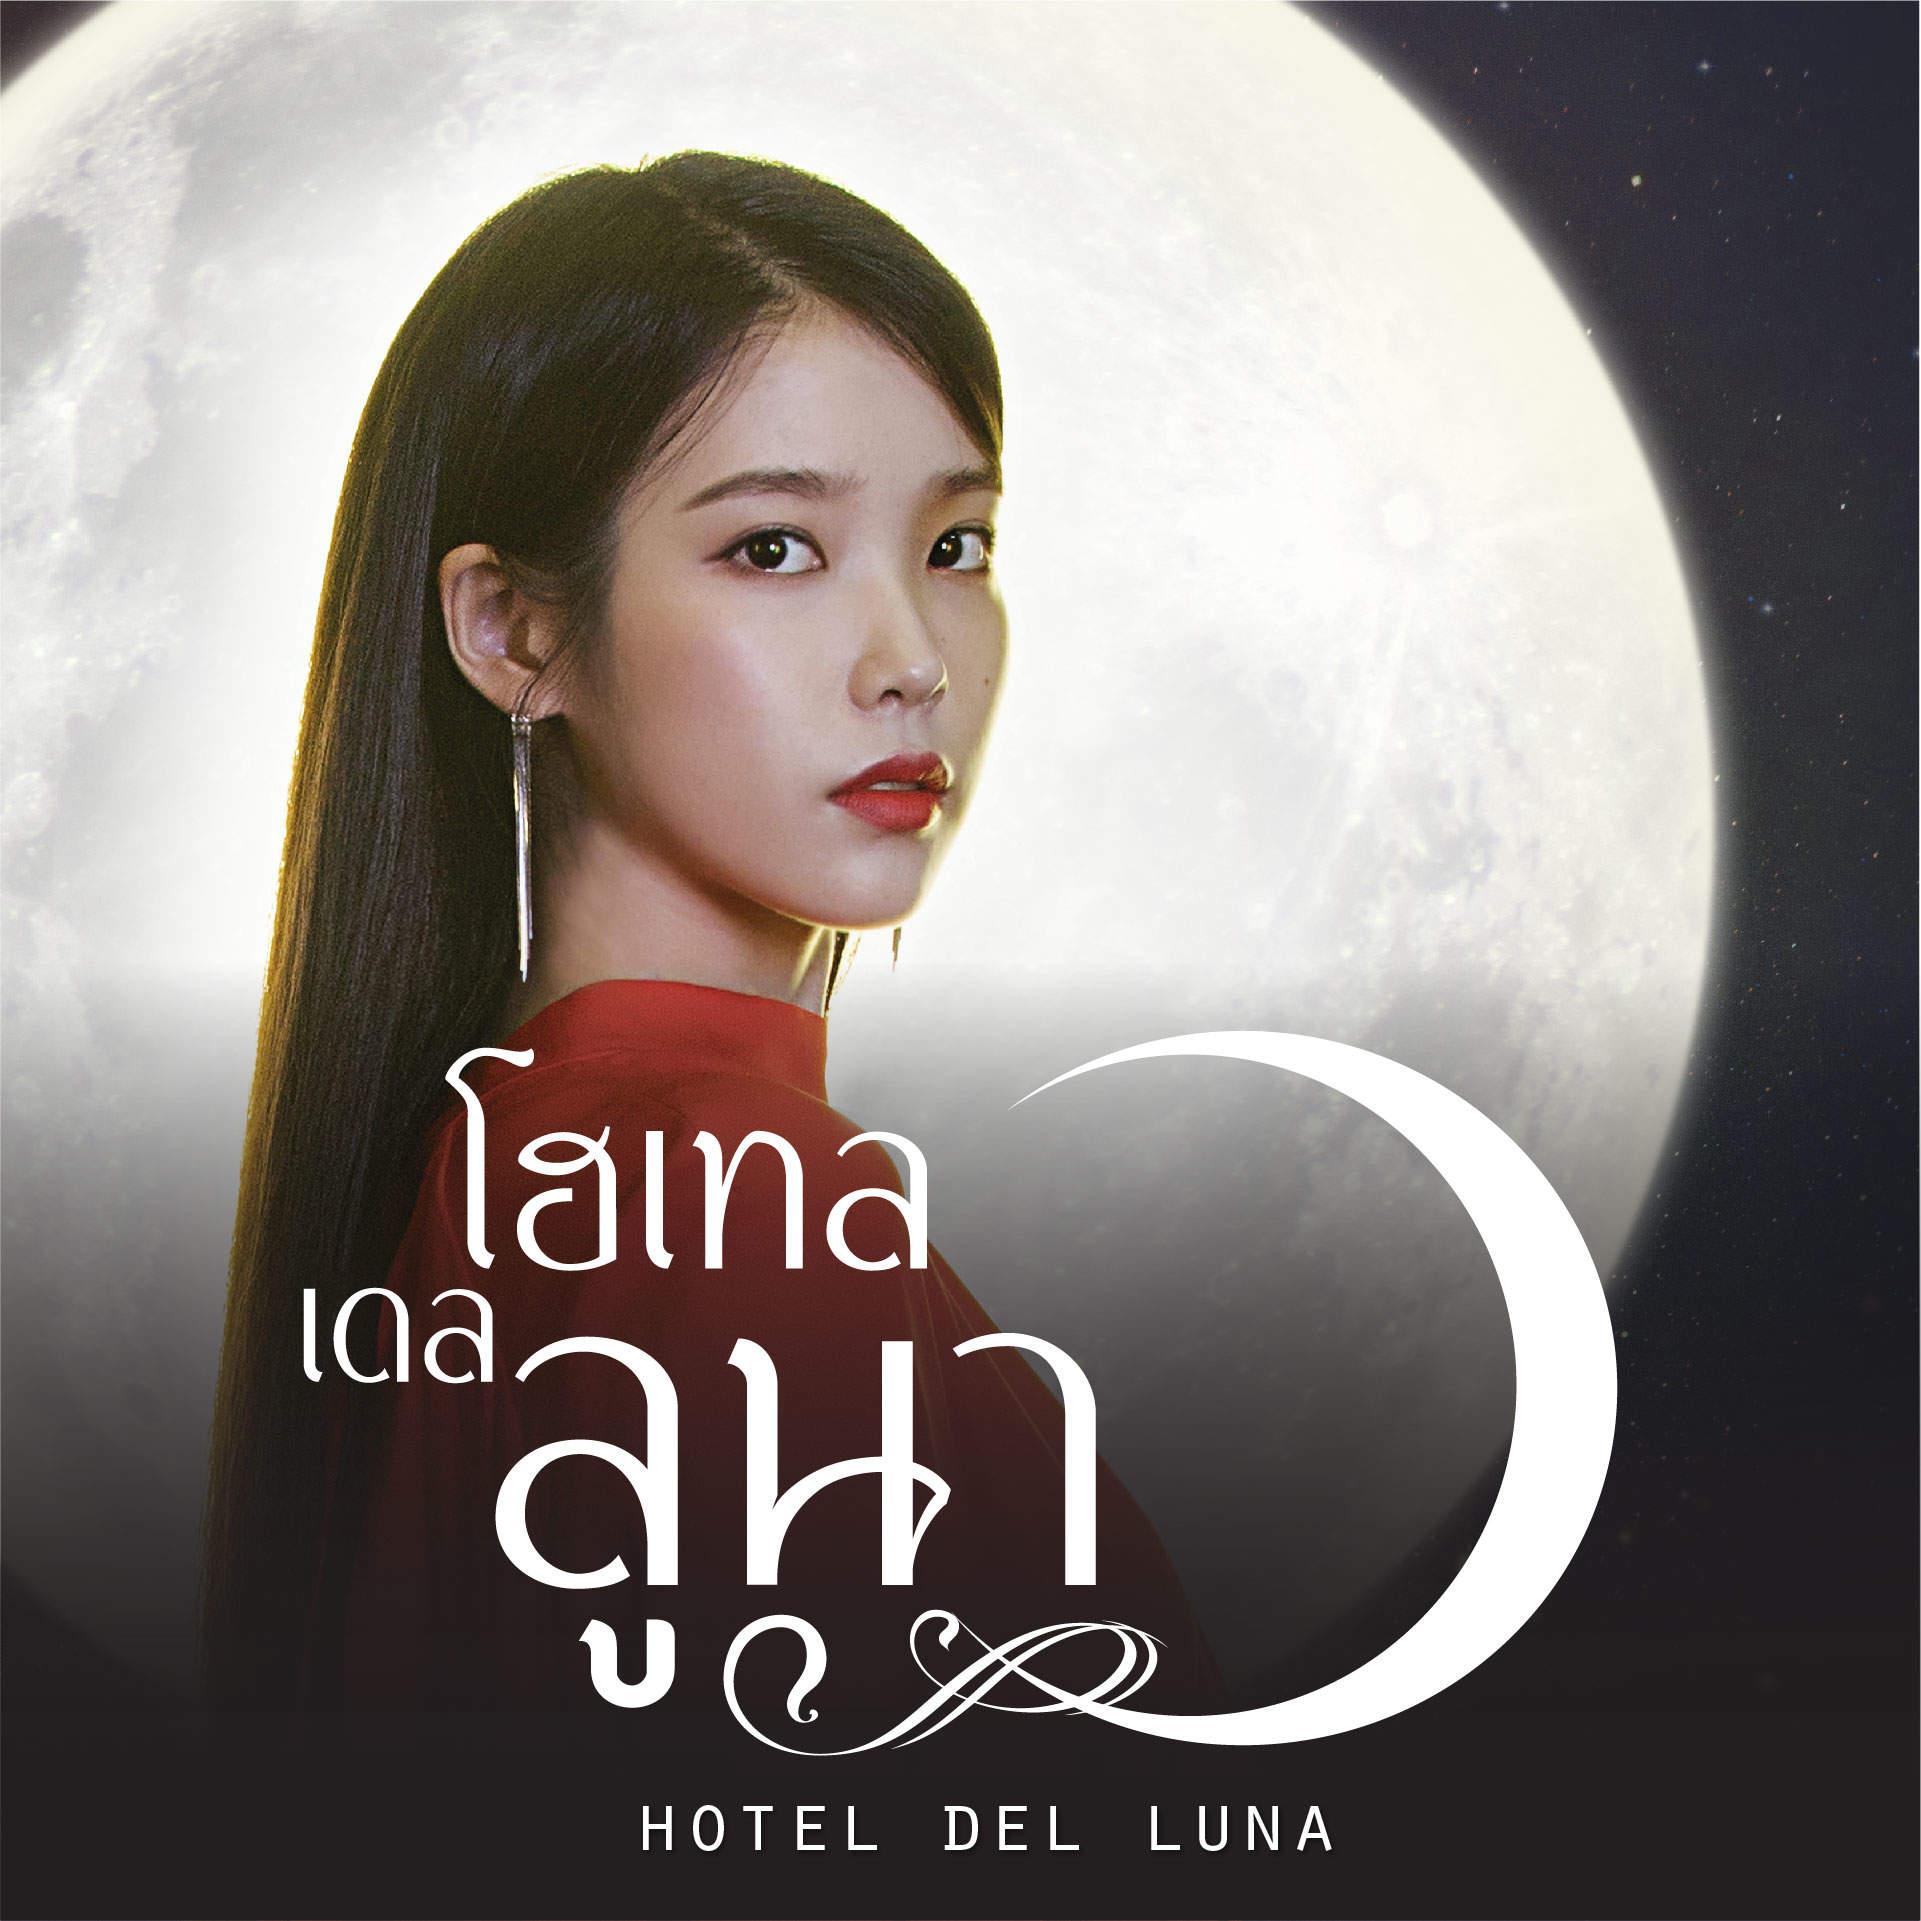 โฮเทล เดล ลูน่า | HOTEL DEL LUNA